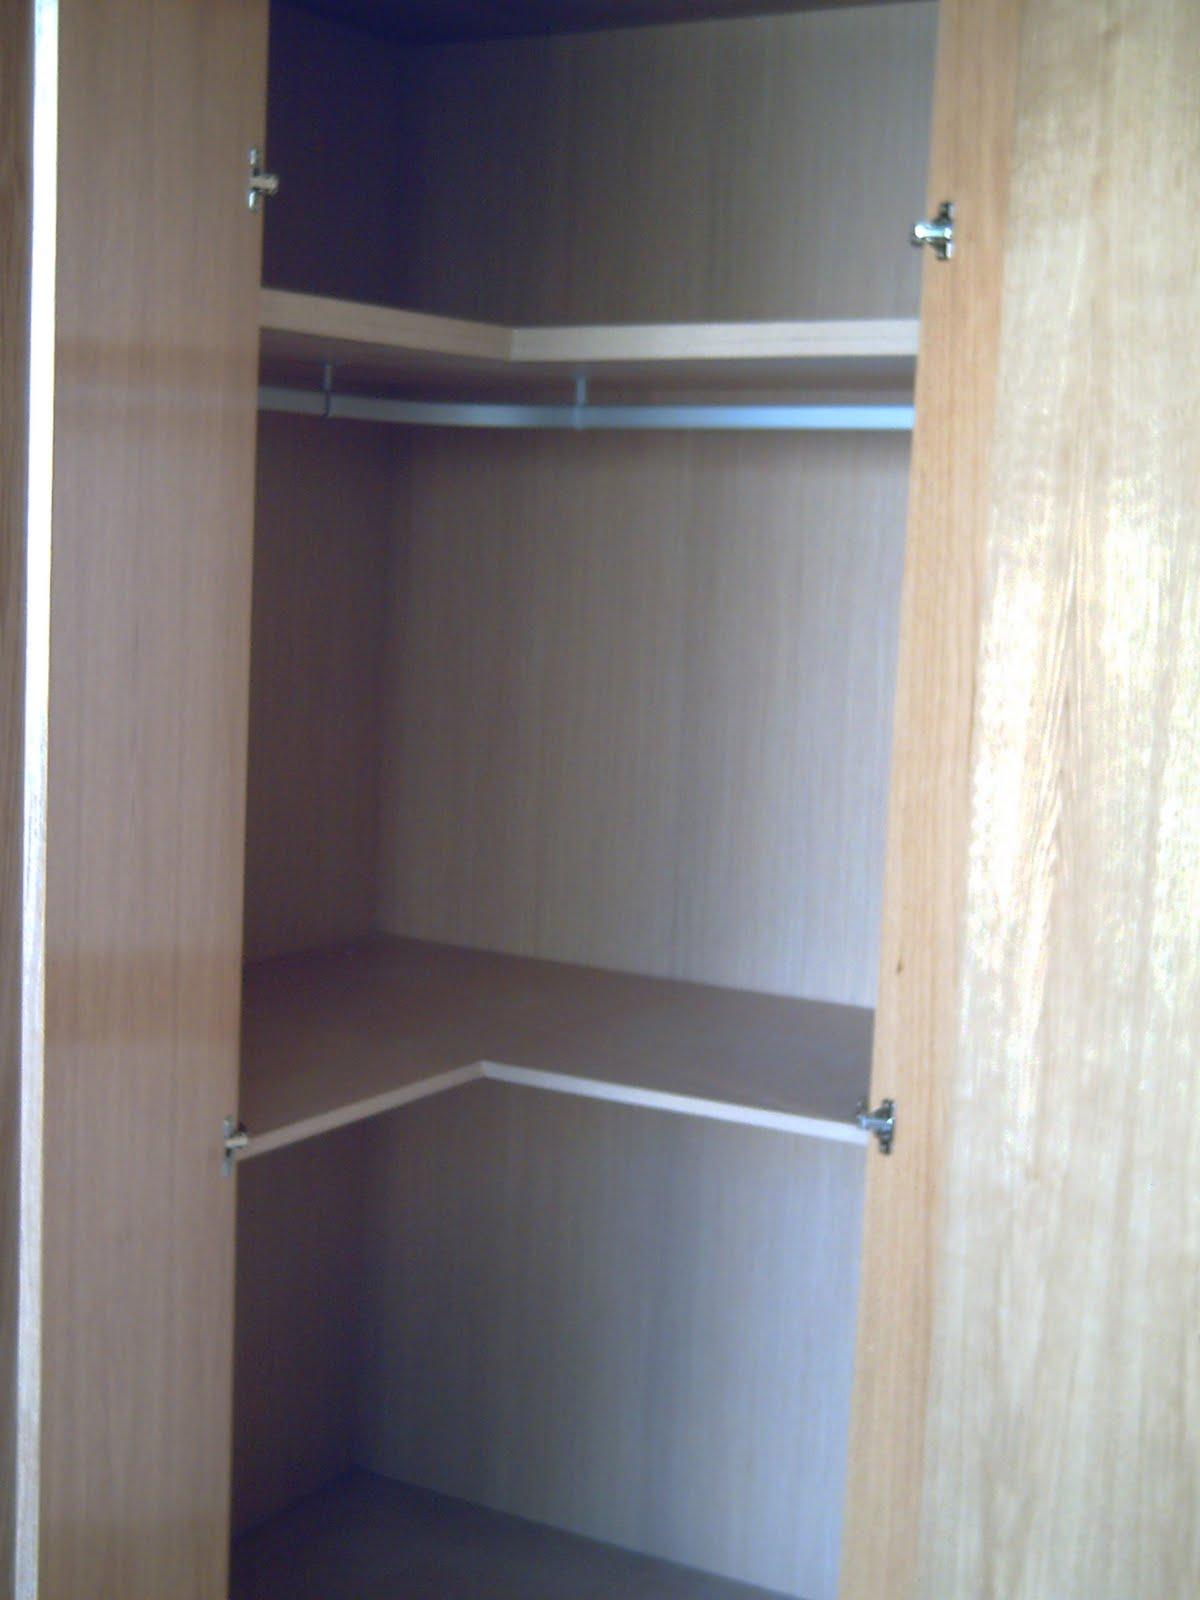 Ca uelo e hijos carpinteria s c p muebles y armarios for Armario zapatero aki